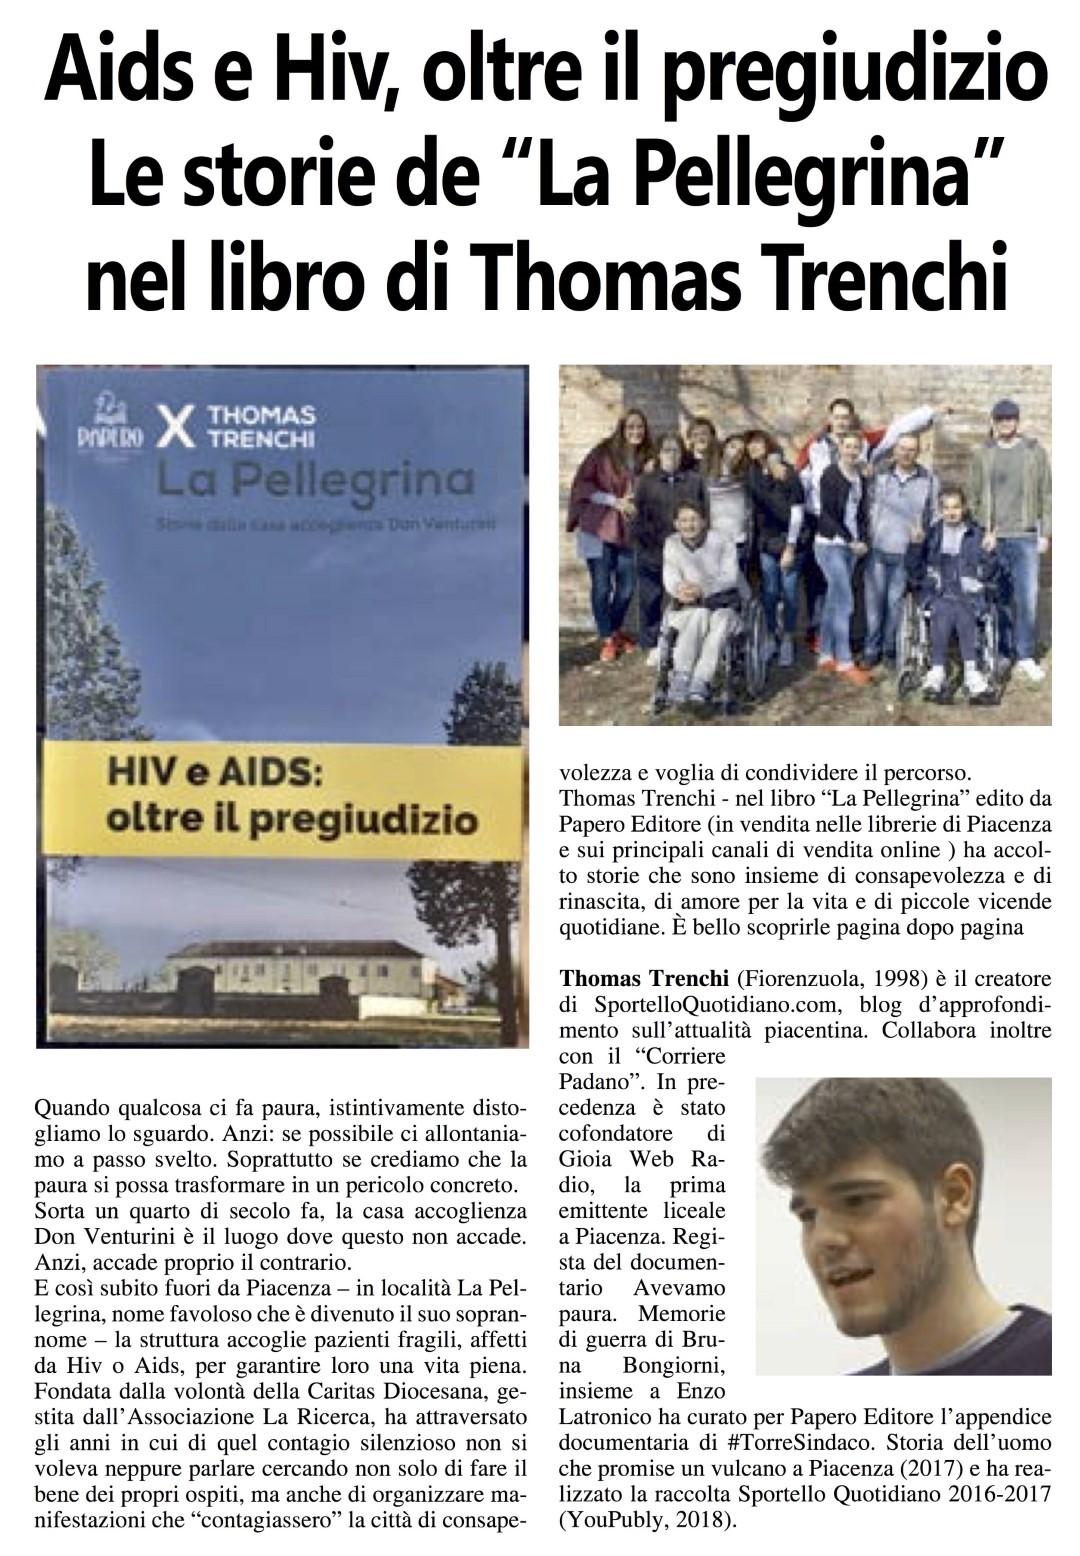 Corriere-Padano-15-2del-24-05-2018